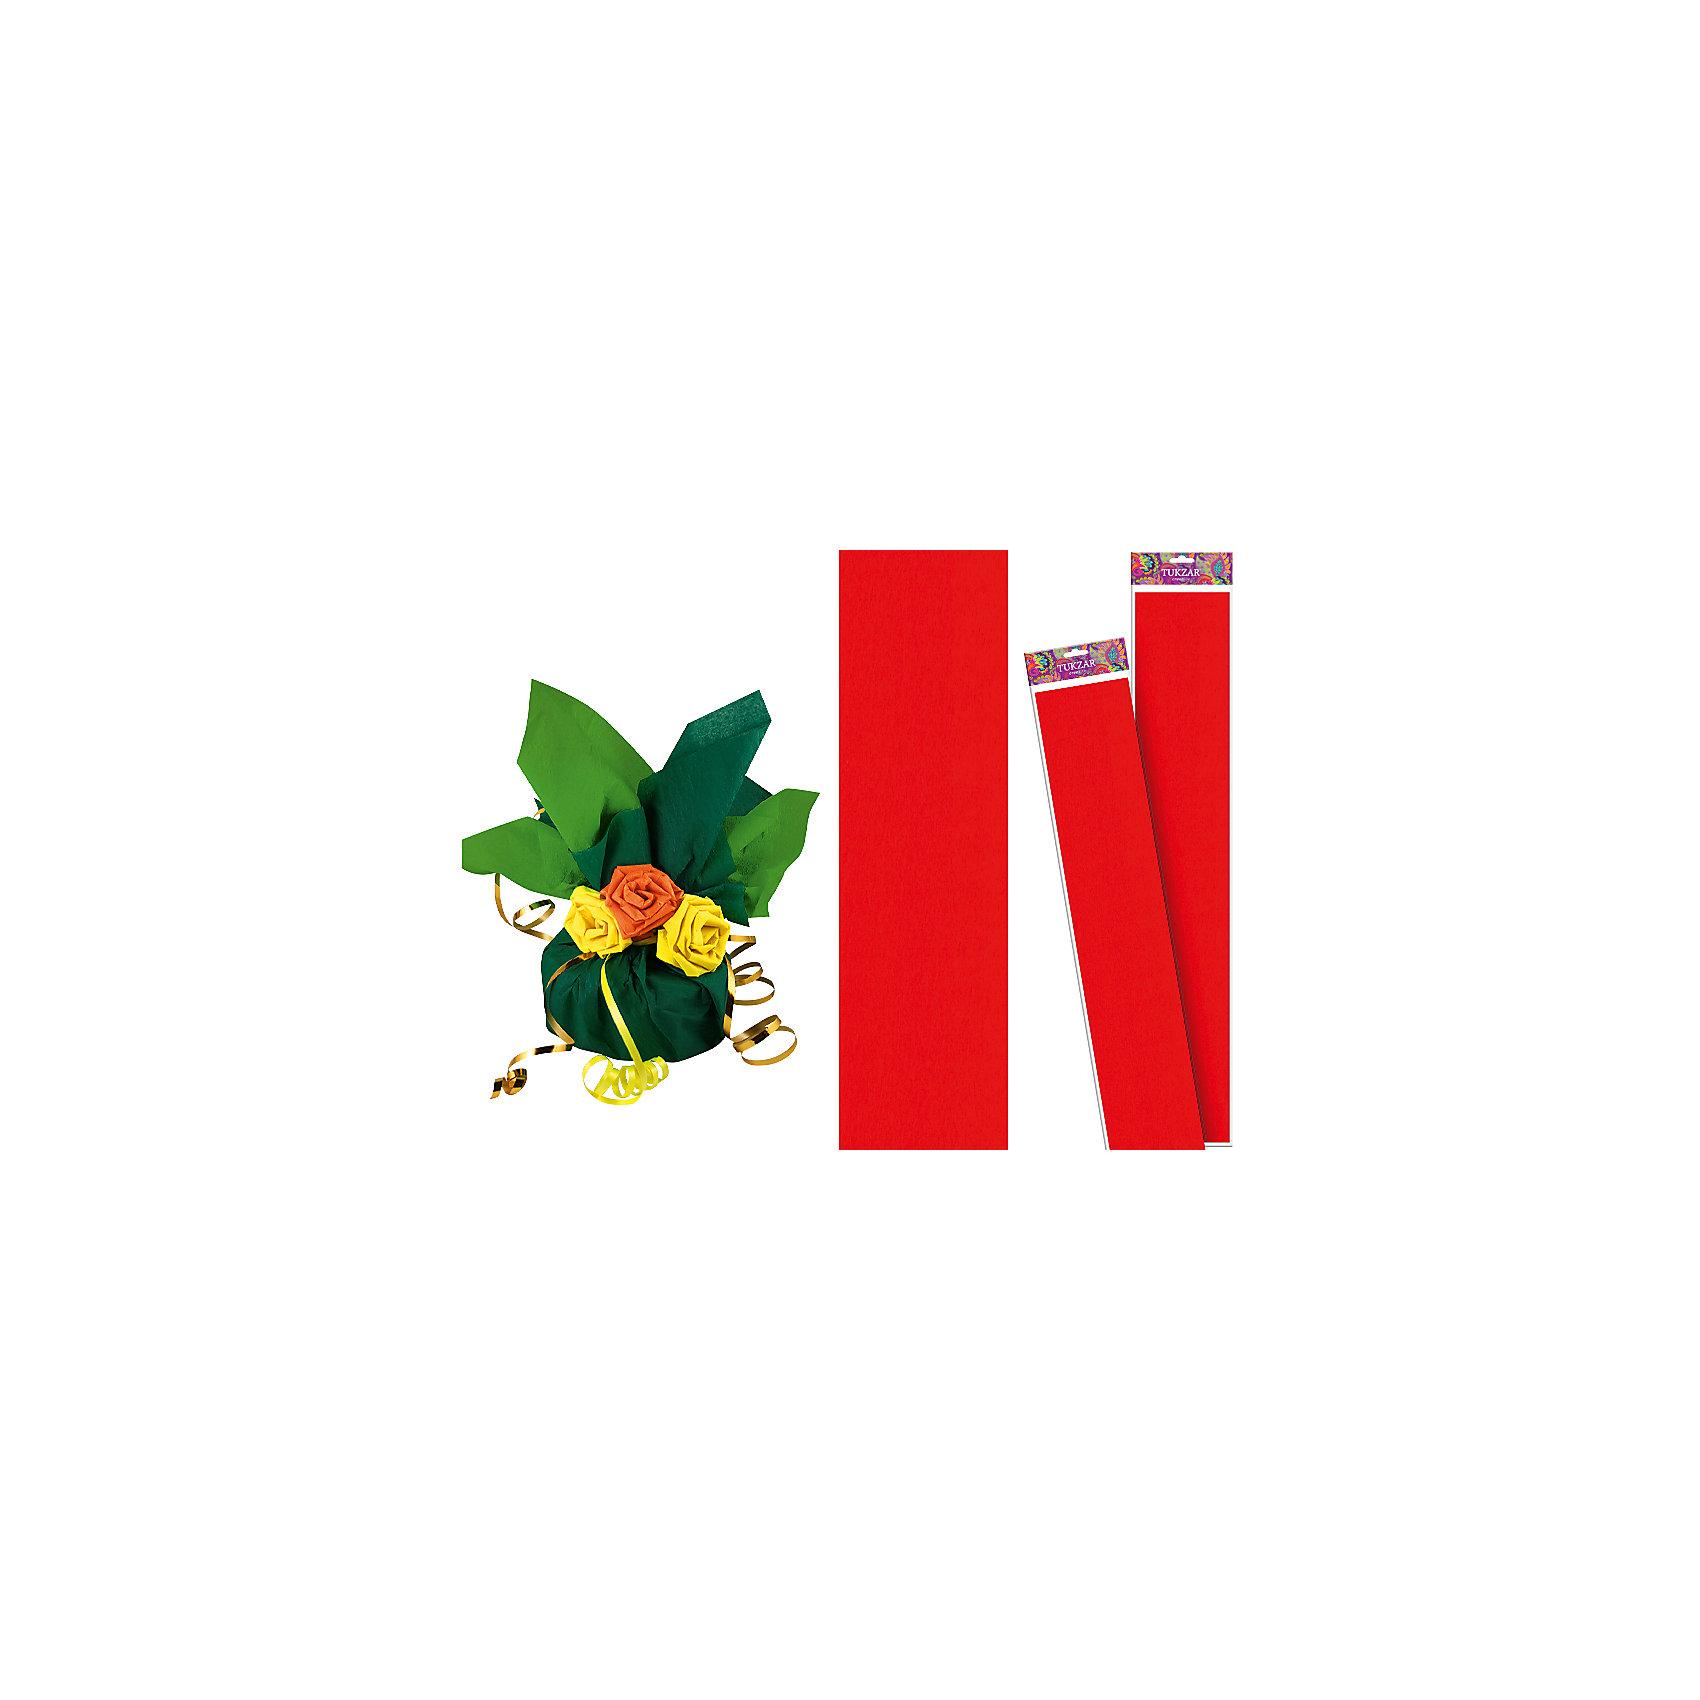 Красная крепированная бумага 50*250 смПоследняя цена<br>Красная крепированная бумага 50*250 см от известного торгового бренда канцелярских товаров и товаров для творчества TUKZAR. Крепированная бумага используется для изготовления различных поделок и аппликаций, наиболее часто данный вид бумаги применяют для изготовления цветов, которые отличаются высокой степенью достоверности, что обеспечивается за счет свойств данной бумаги: она имеет мелкое гофрирование, бархатистая на ощупь и влагостойкая. <br>Красная крепированная бумага 50*250 см от TUKZAR – идеально подходит для поделок и оформительских работ.  <br><br>Дополнительная информация:<br><br>- Предназначение: для творческих занятий и оформительских работ <br>- Материал: бумага<br>- Размеры (Ш*Д): 50*250 см<br>- Цвет: красный<br>- Упаковка: блистер<br><br>Подробнее:<br><br>• Для детей в возрасте: от 3 лет <br>• Страна производитель: Китай<br>• Торговый бренд: TUKZAR<br><br>Красную крепированную бумагу 50*250 см можно купить в нашем интернет-магазине.<br><br>Ширина мм: 500<br>Глубина мм: 50<br>Высота мм: 50<br>Вес г: 100<br>Возраст от месяцев: 36<br>Возраст до месяцев: 192<br>Пол: Унисекс<br>Возраст: Детский<br>SKU: 5001380